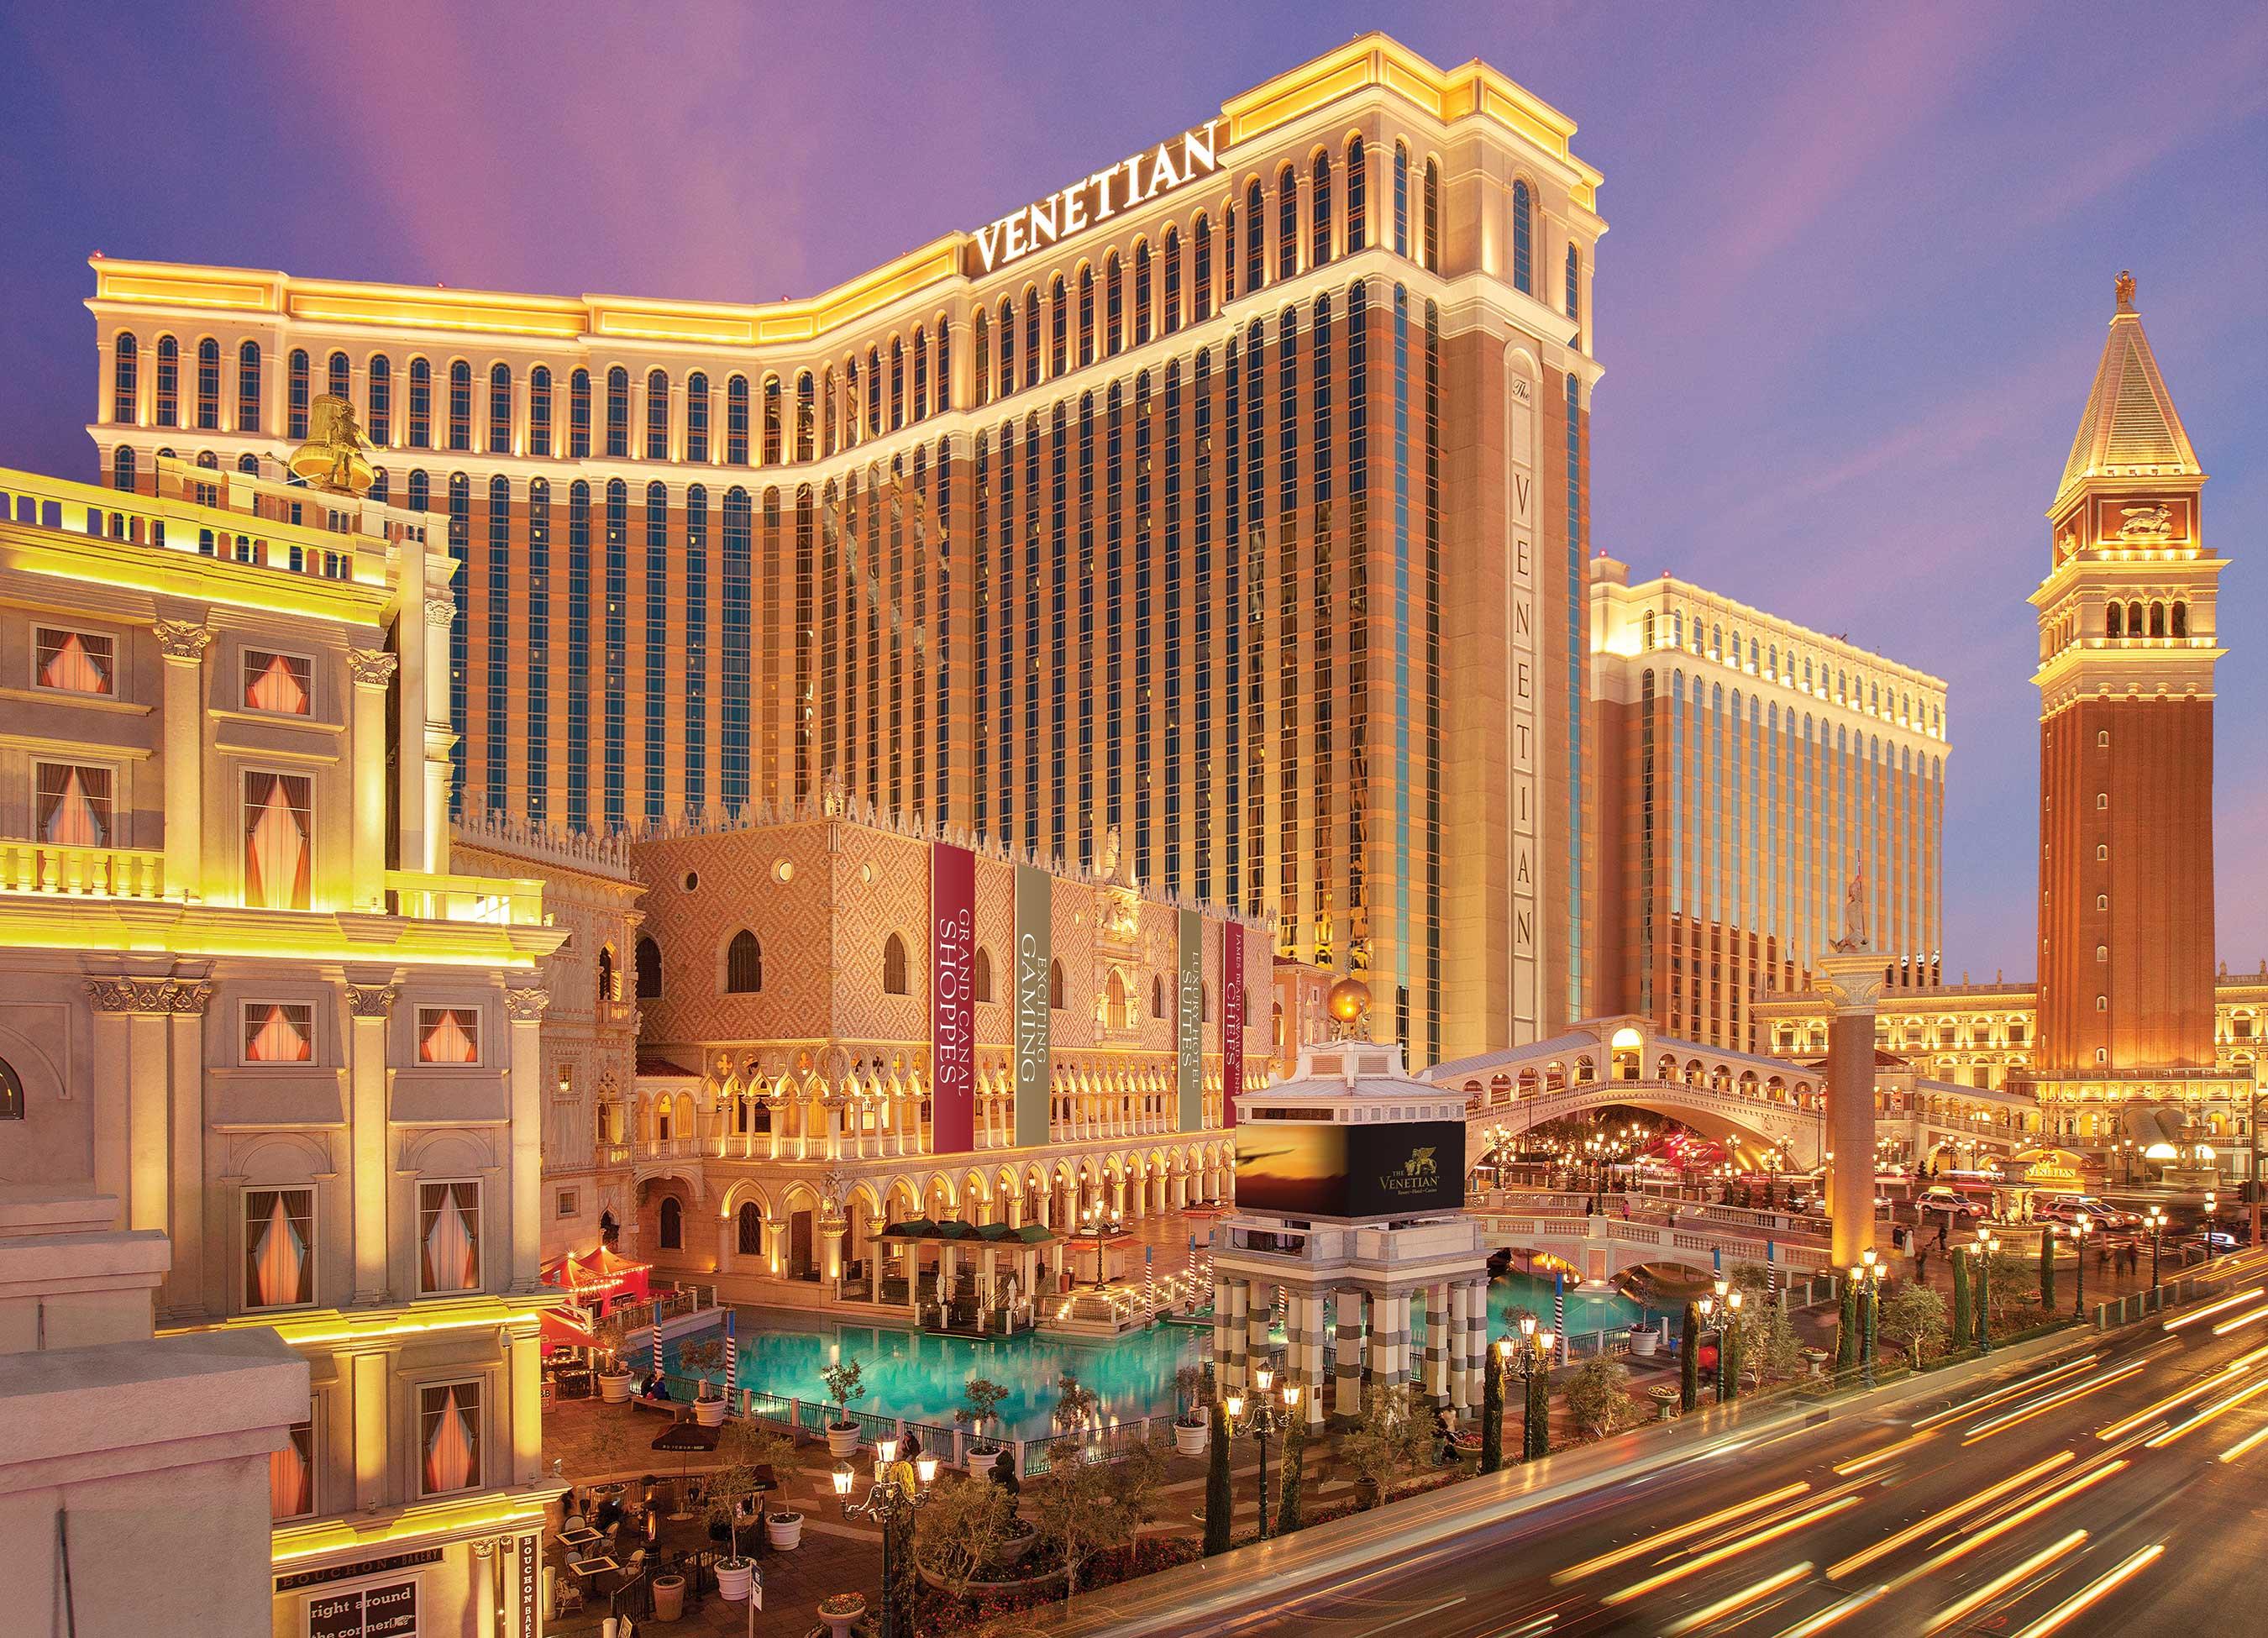 Venetian resort in Las Vegas, with streaks of cars on Strip going by.